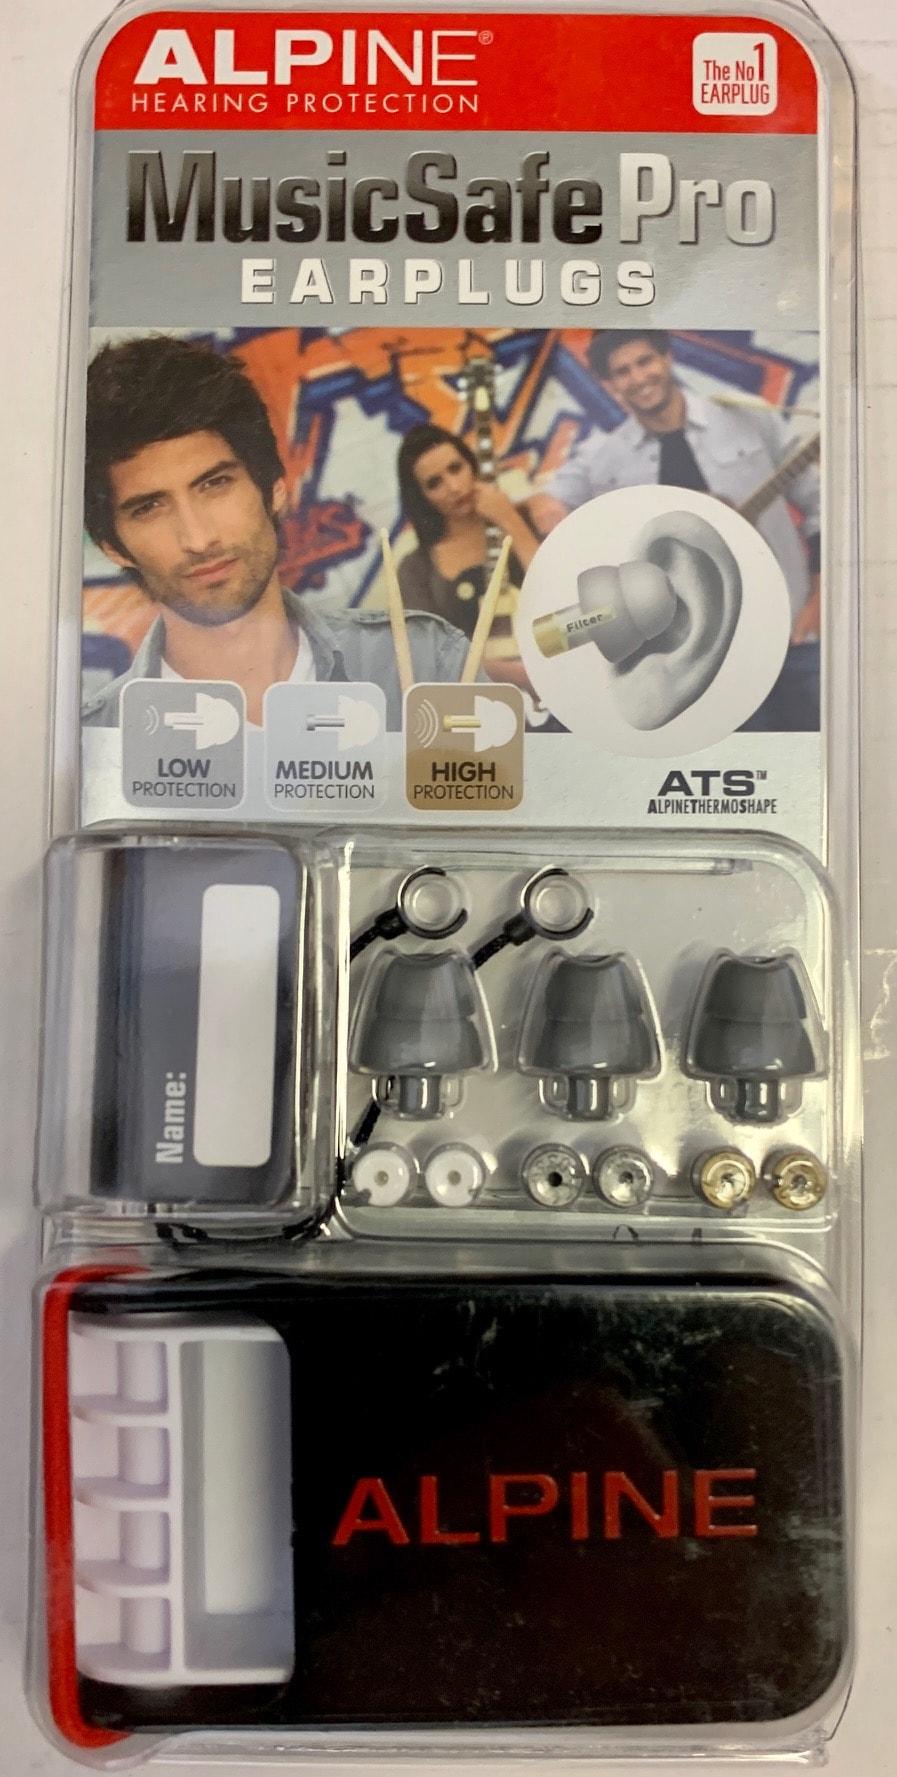 Alpine Musicsafe Ear Plugs